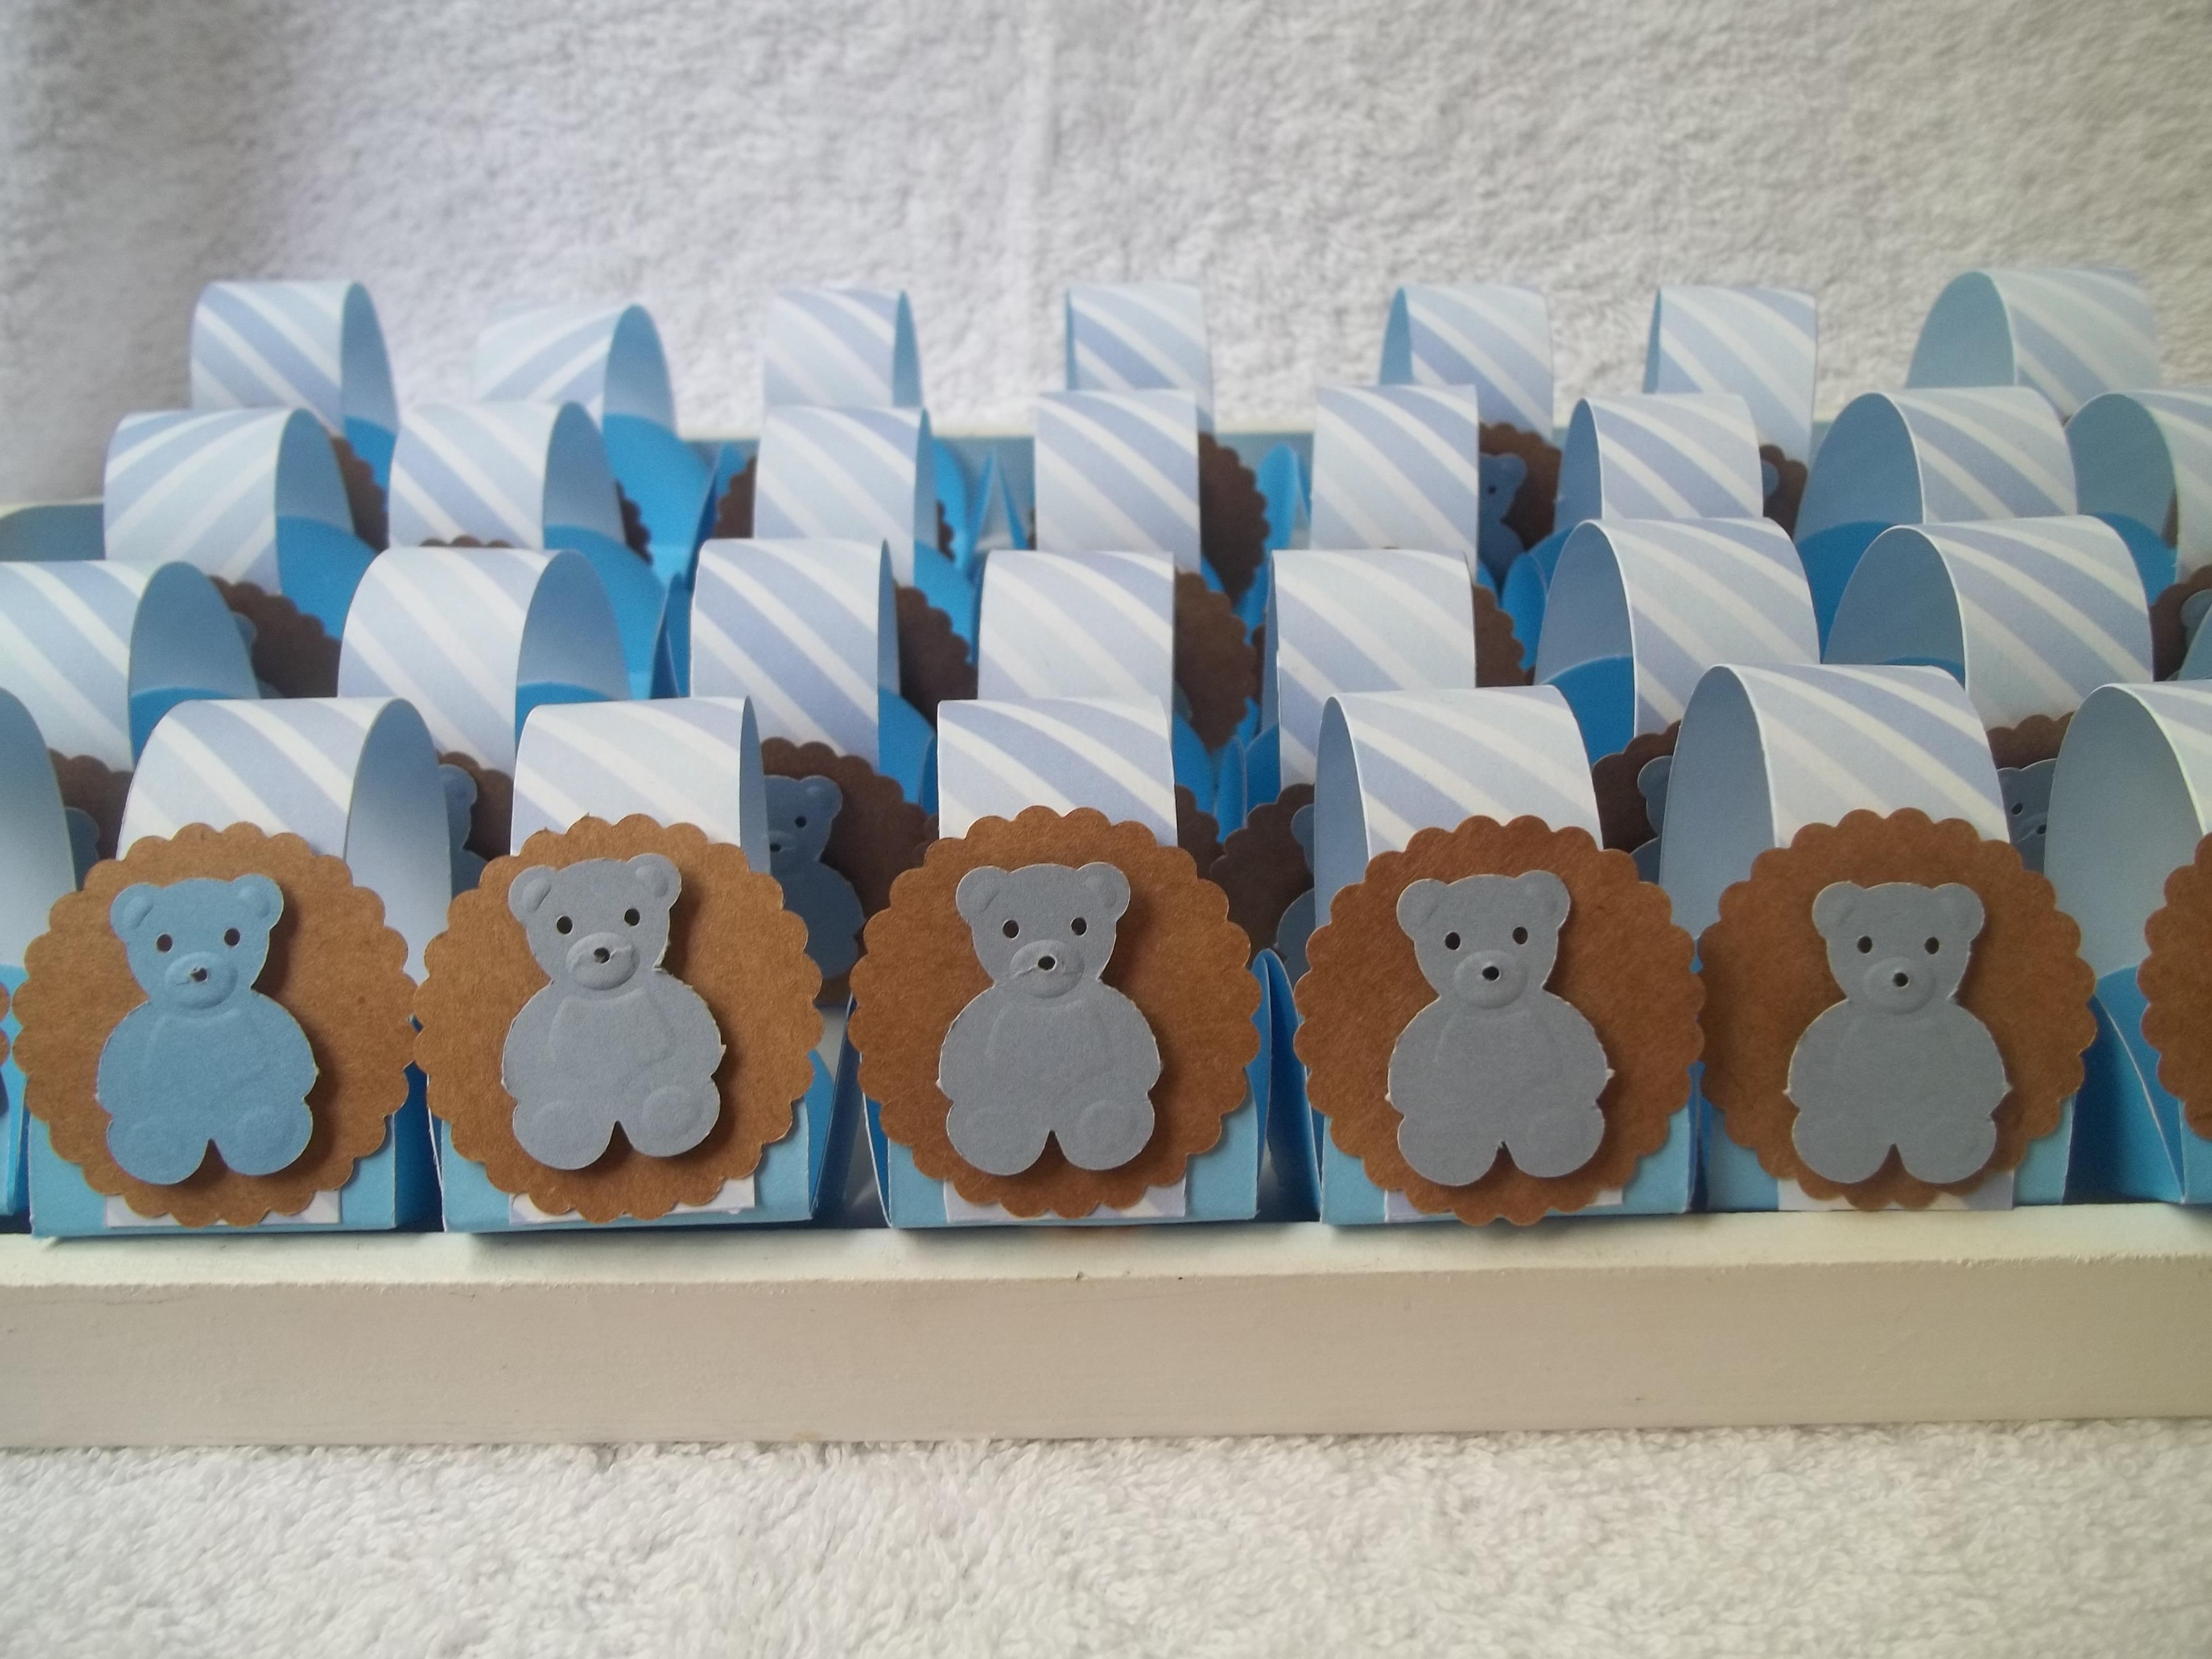 decoracao festa urso azul e marrom:AZUL E MARROM FESTA URSO AZUL E MARROM FESTA URSO AZUL E MARROM FESTA